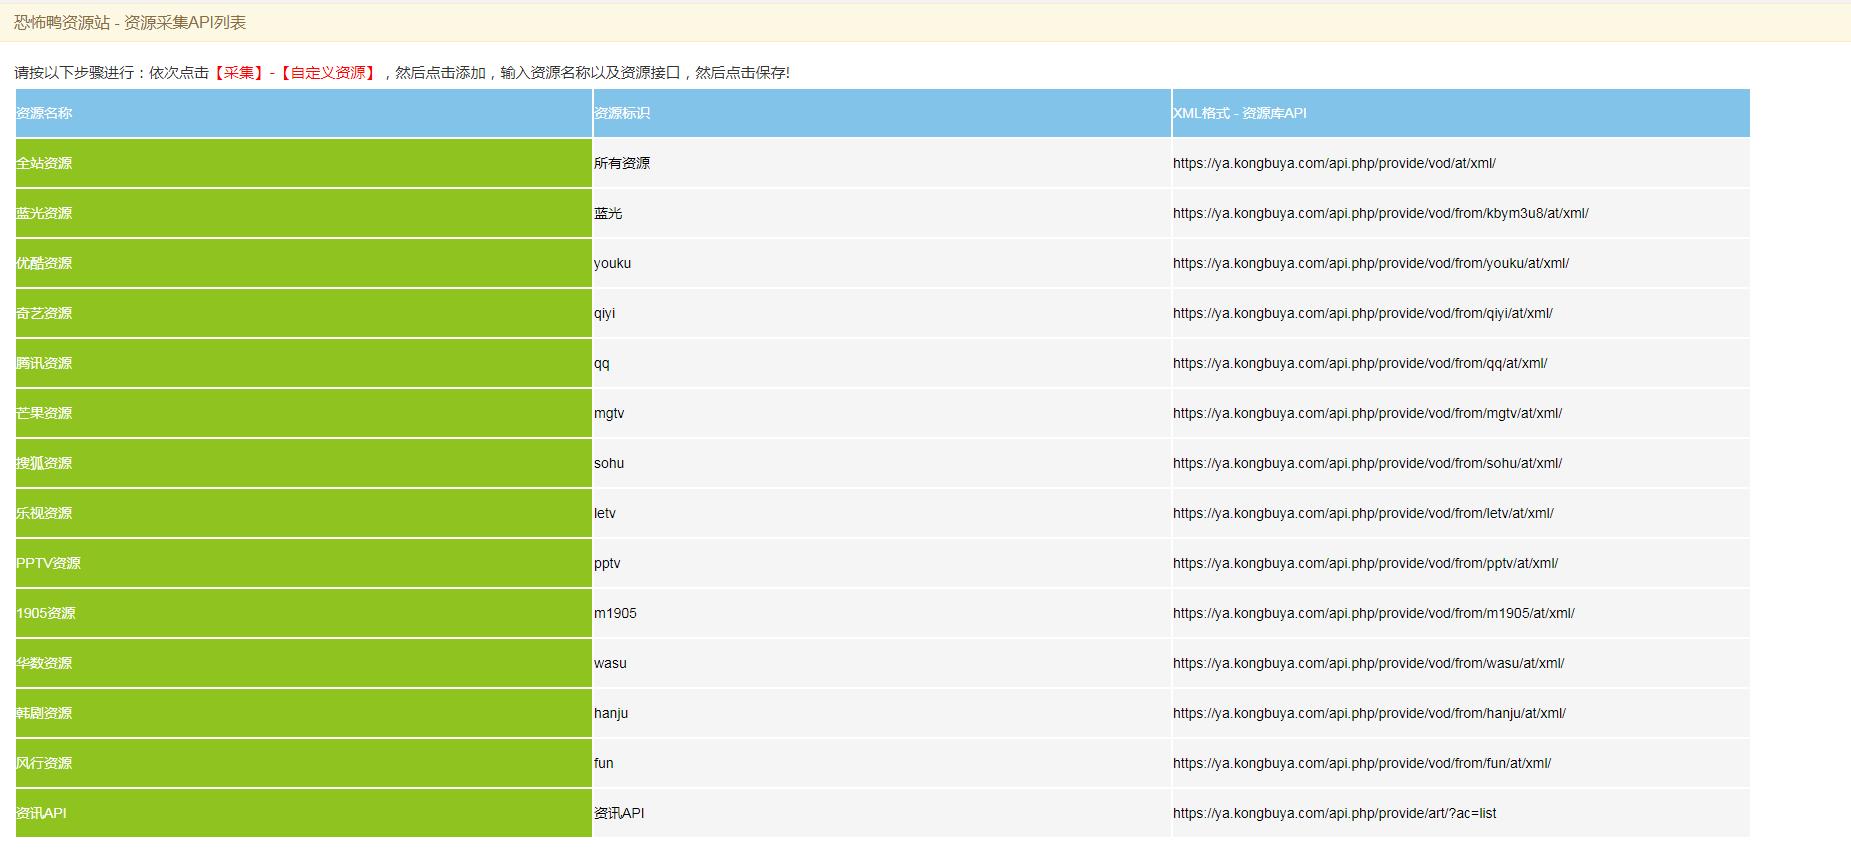 仙杰笔记 苹果CMS 10自动采集文章资讯和视频更新【仙杰TV】影视程序 精仿爱奇艺  建站笔记 142833yik8i92ae2gglmii